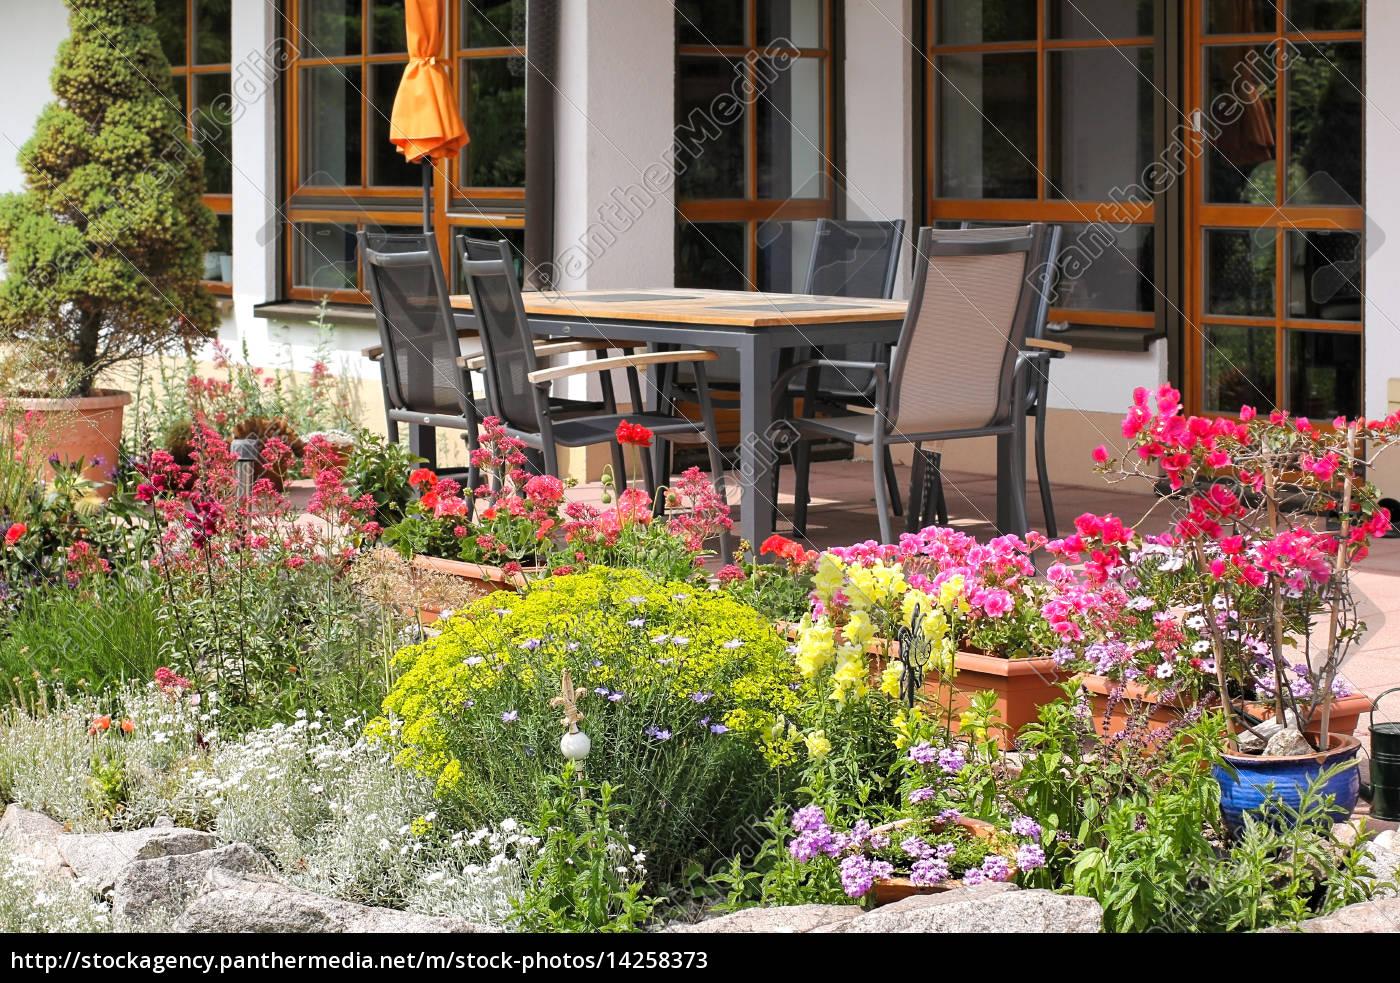 rock, ogród, z, miejscem, do, siedzenia - 14258373